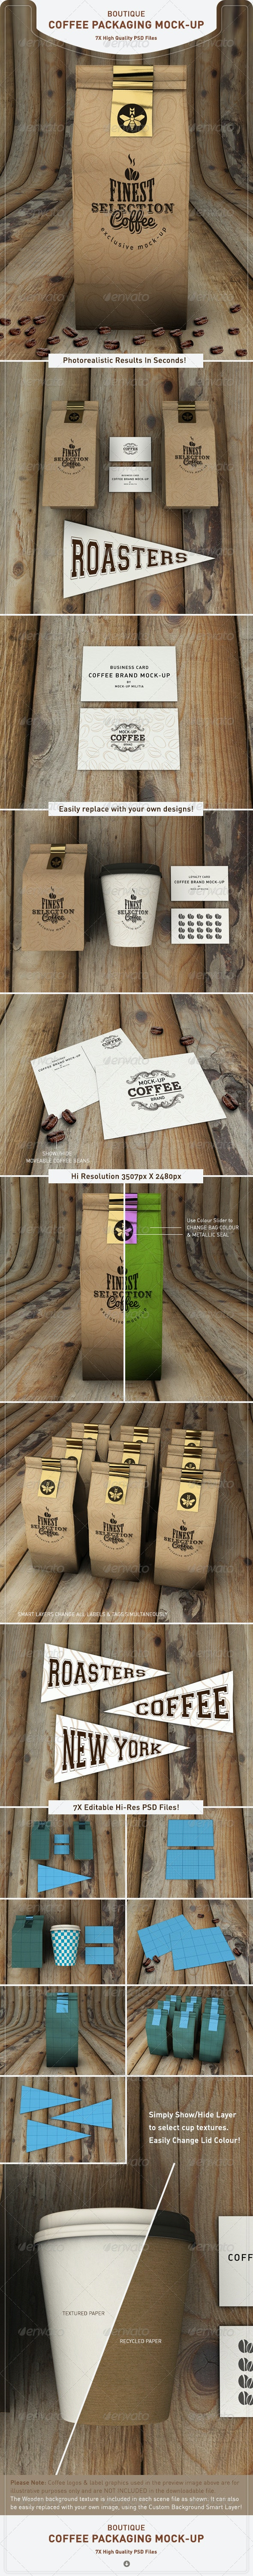 Coffee Bag Mock-Up | Coffee Packaging Mock-Up - Food and Drink Packaging